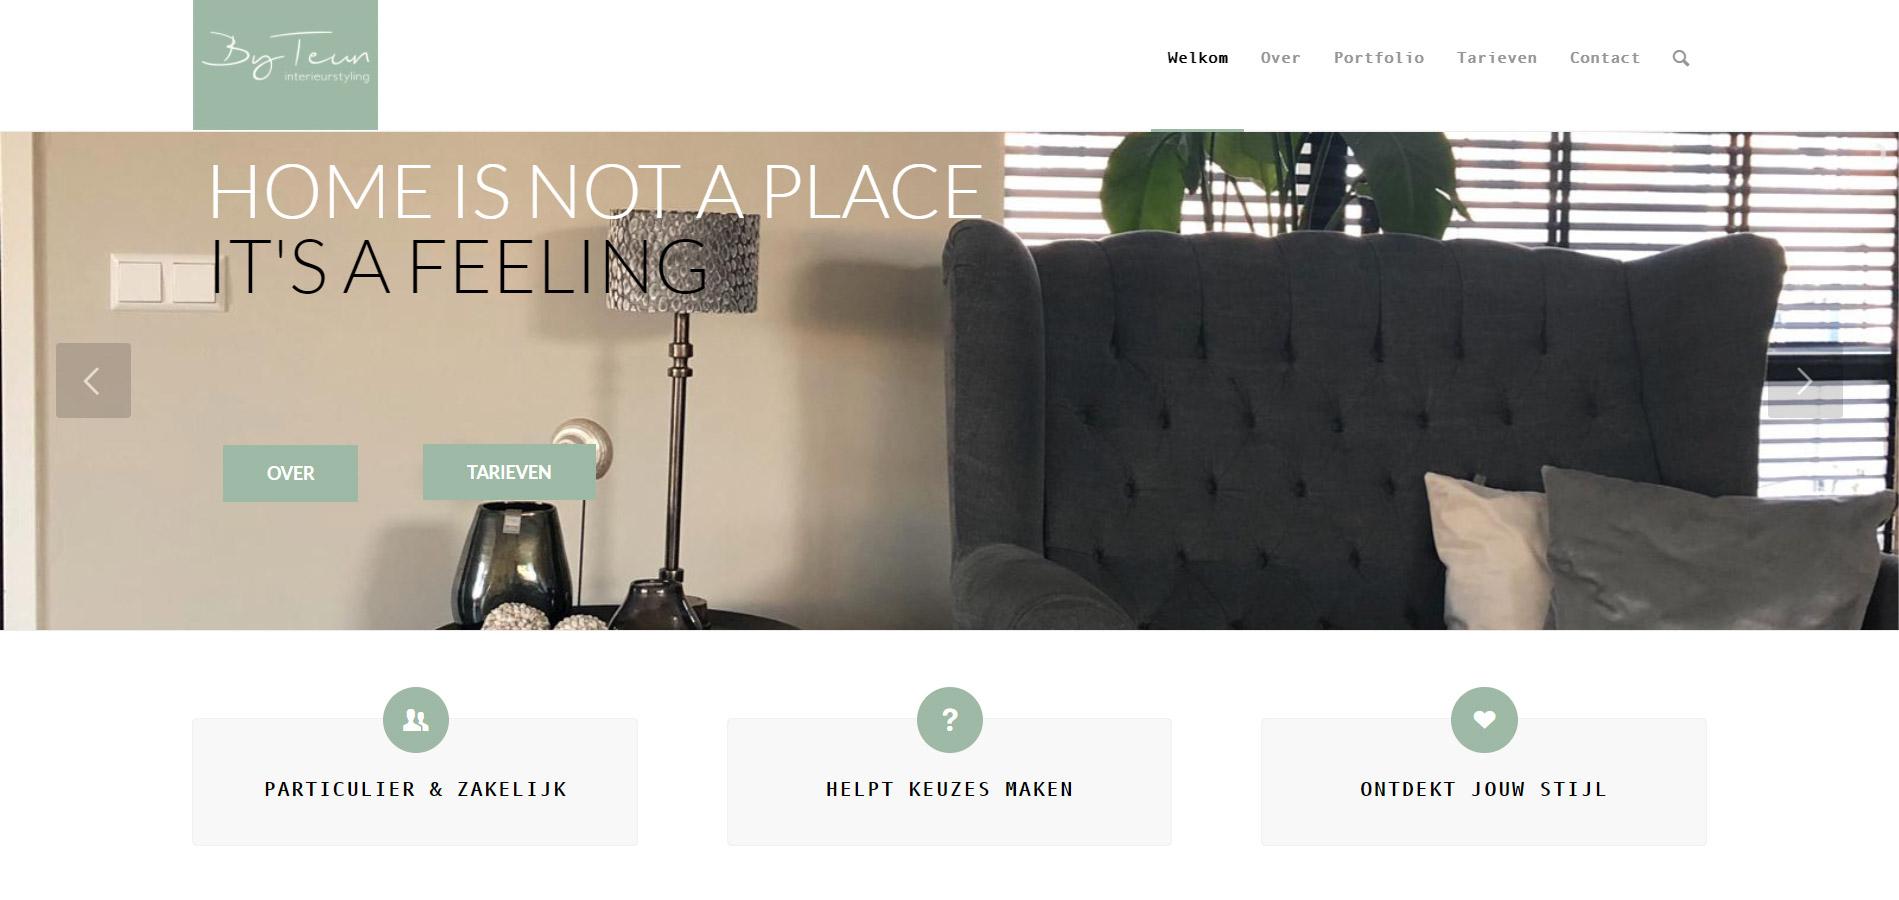 Website By Teun interieurstyling